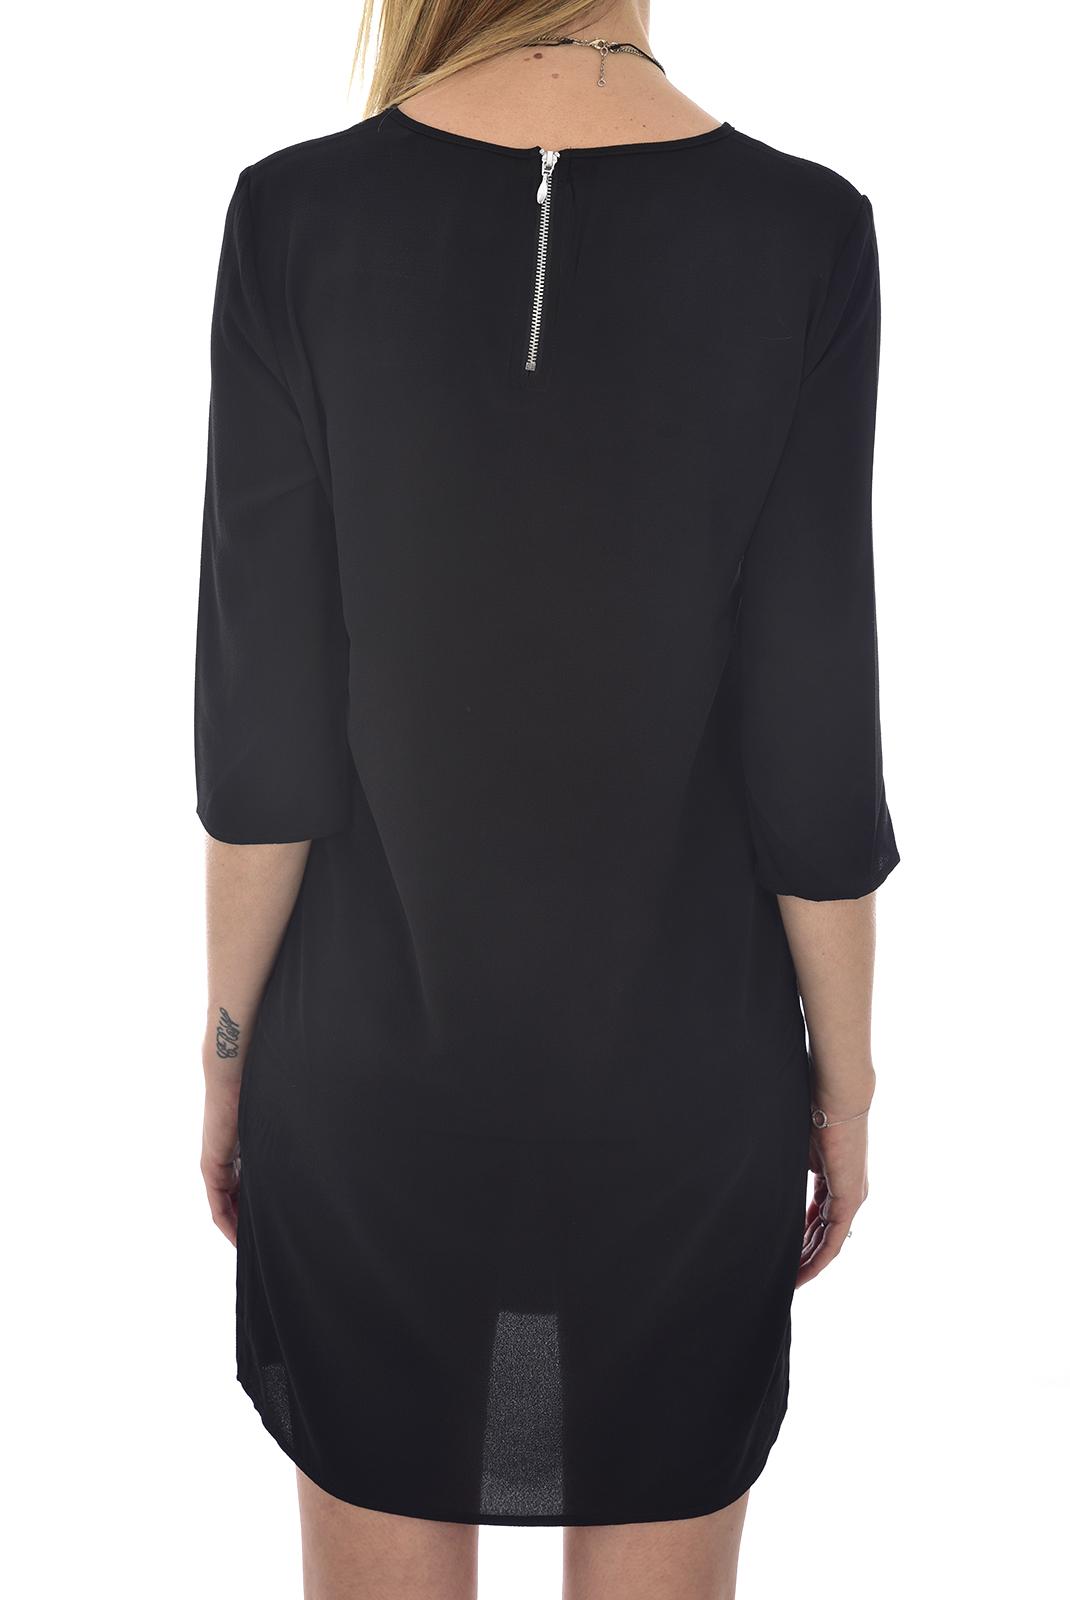 FEMME  Only VIC 3/4 SOLID DRESS NOOS WVN Black